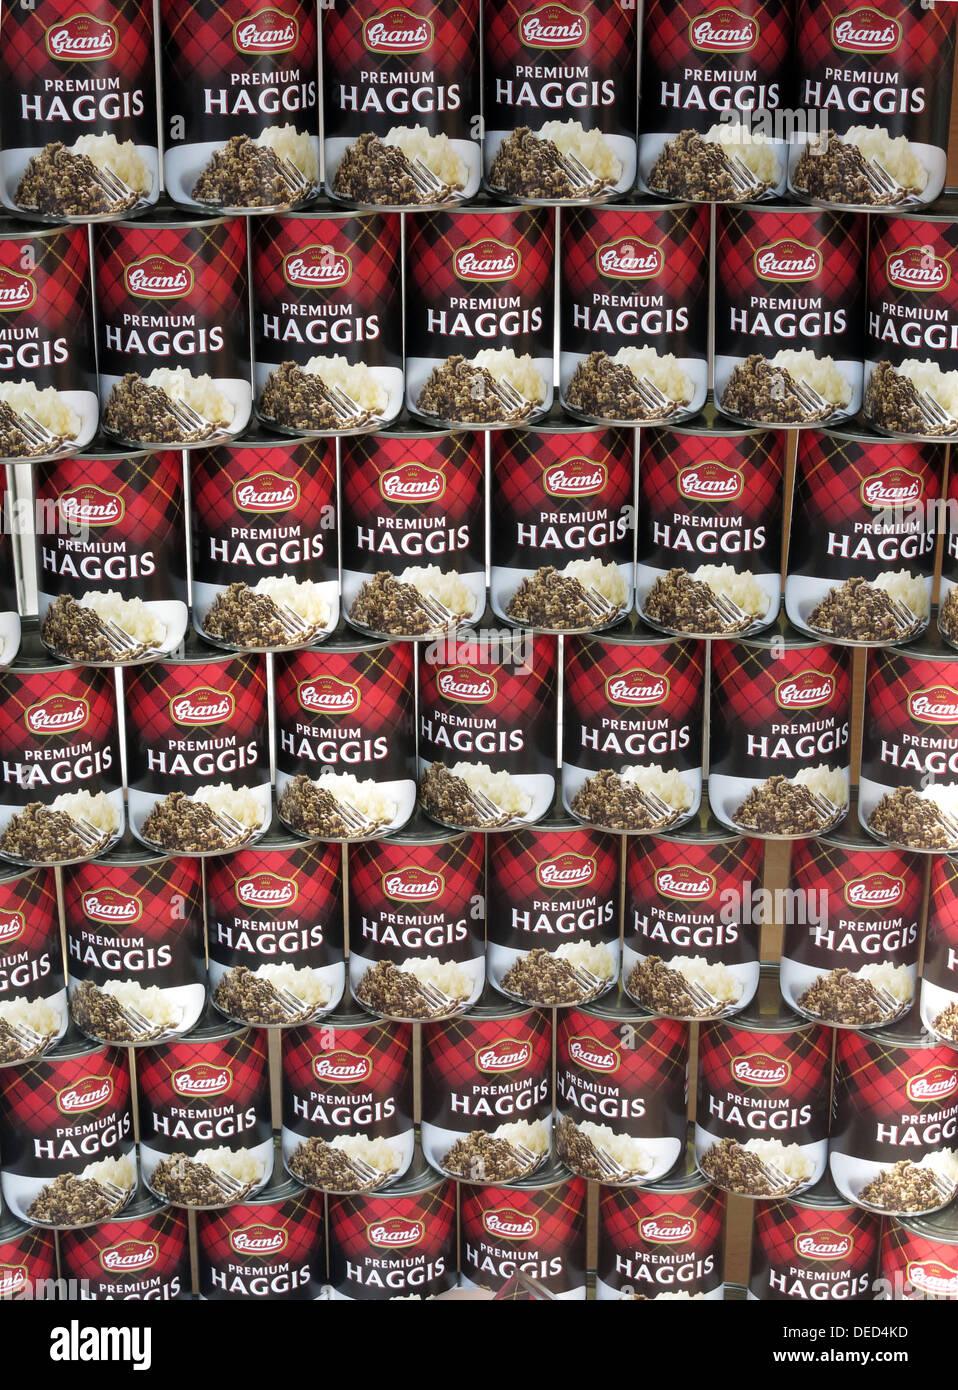 Laden Sie dieses Alamy Stockfoto Dosen des schottischen Essen Zuschüsse Premium Haggis, gestapelt - DED4KD